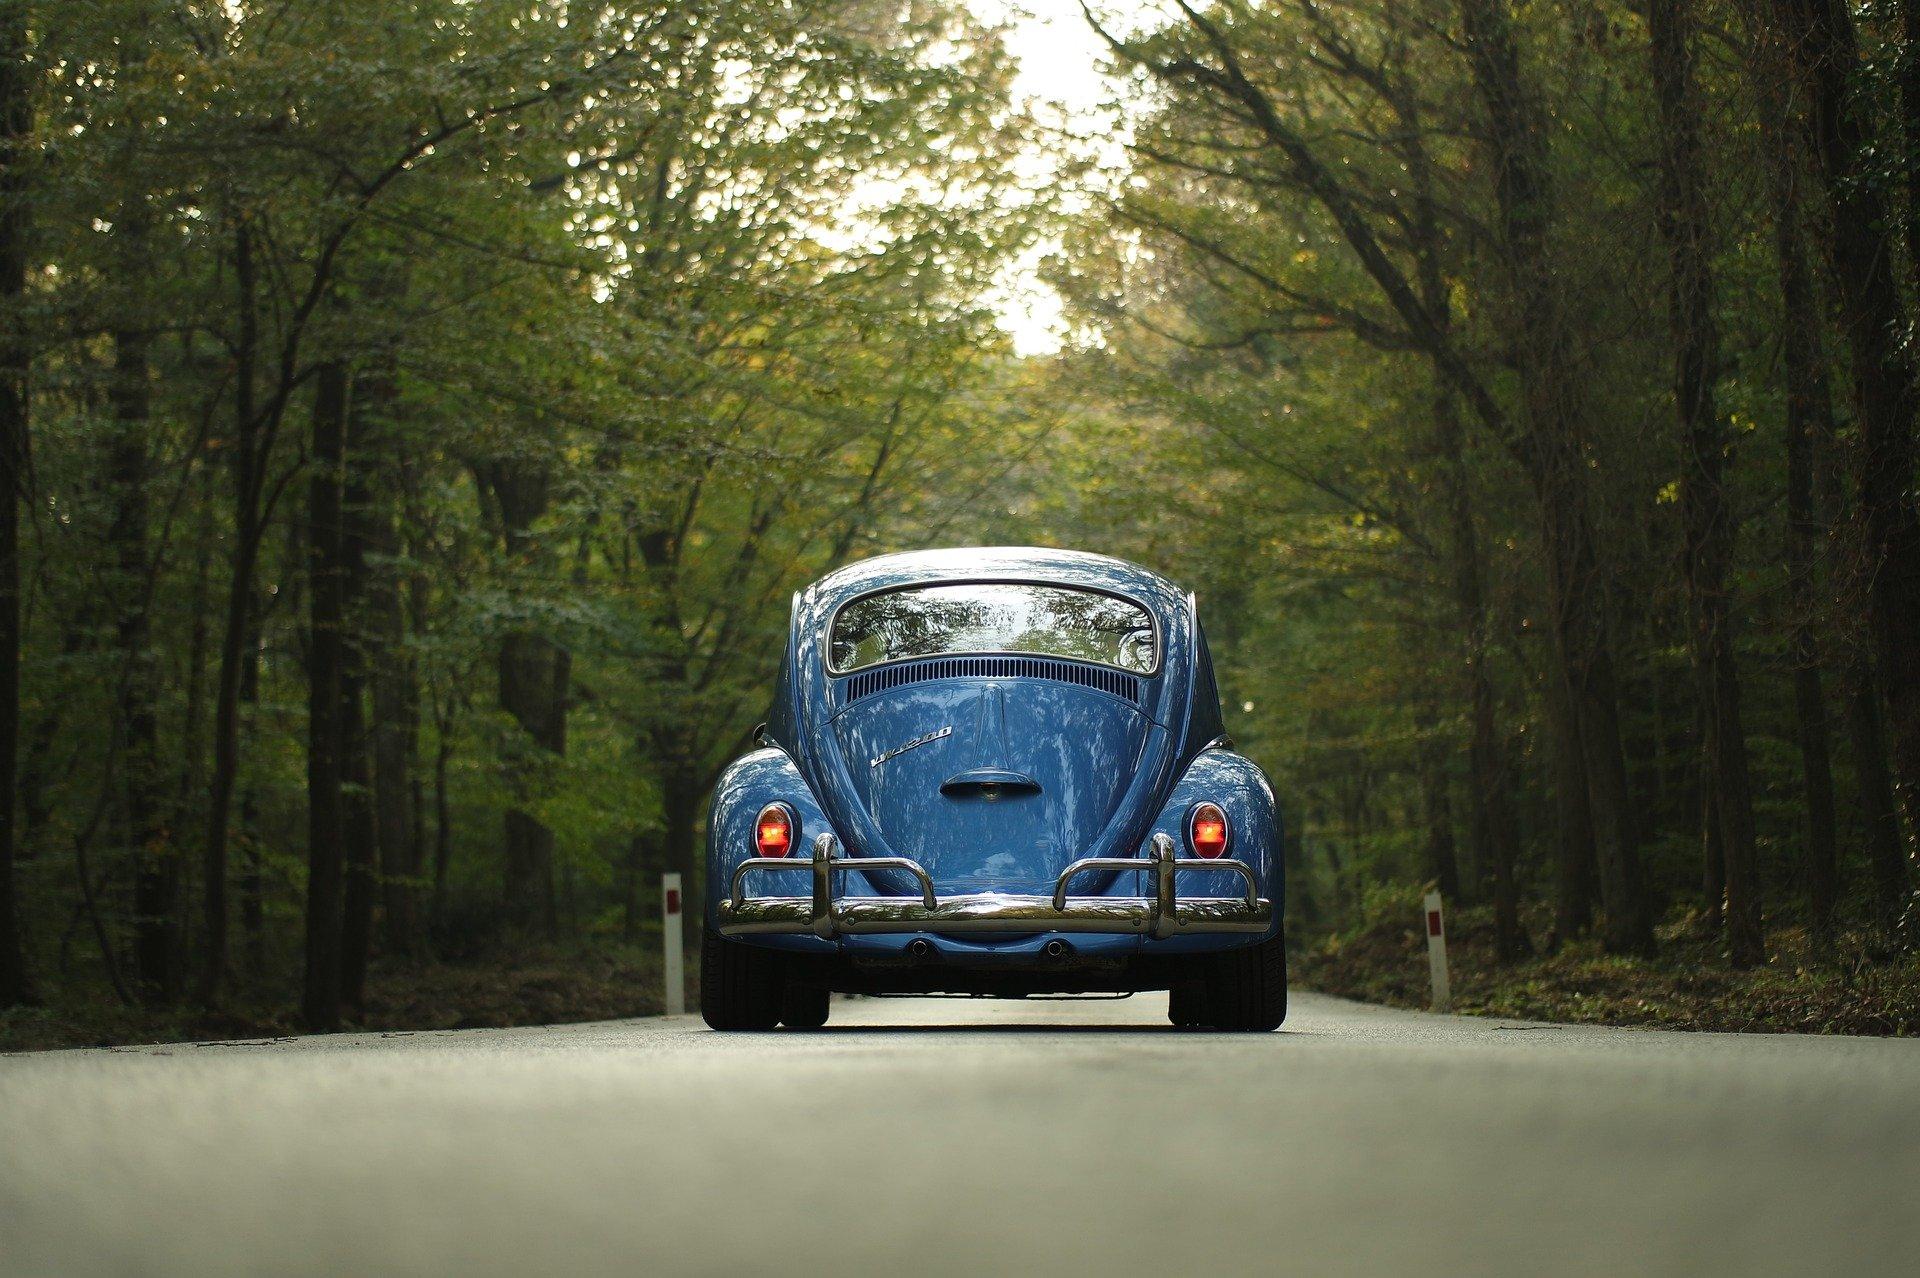 Foto de um fusca azul no meio de uma estrada asfaltada com muitas árvores ao redor. Imagem ilustrativa para texto franquia de seguro de carro.